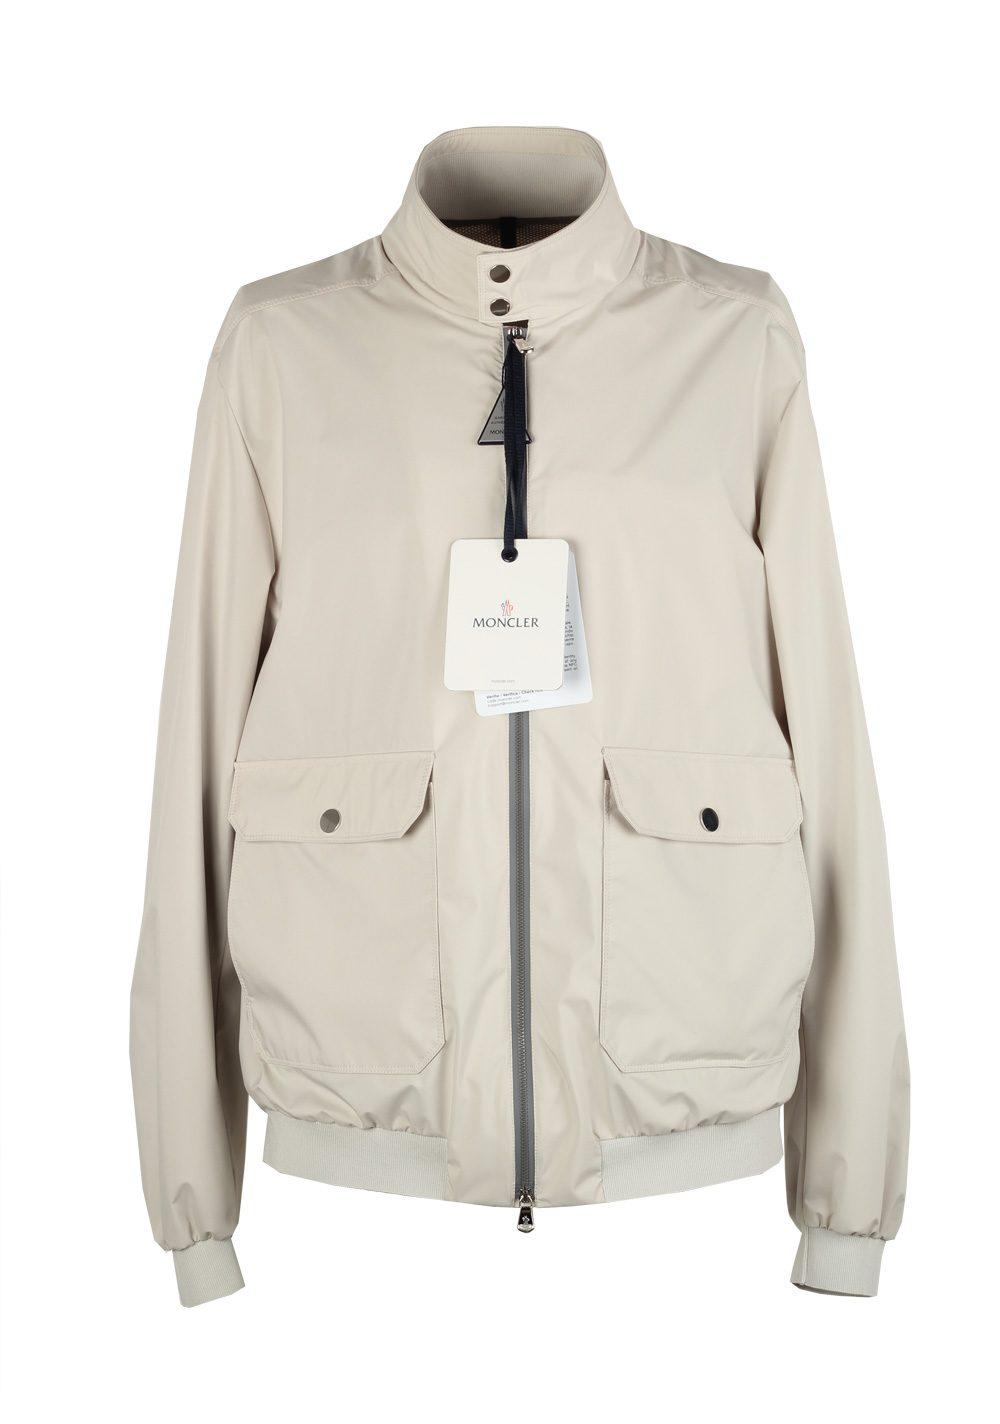 Moncler Beige Verte Bomber Jacket Coat Size 4 / L / 52 / 42 U.S. | Costume Limité